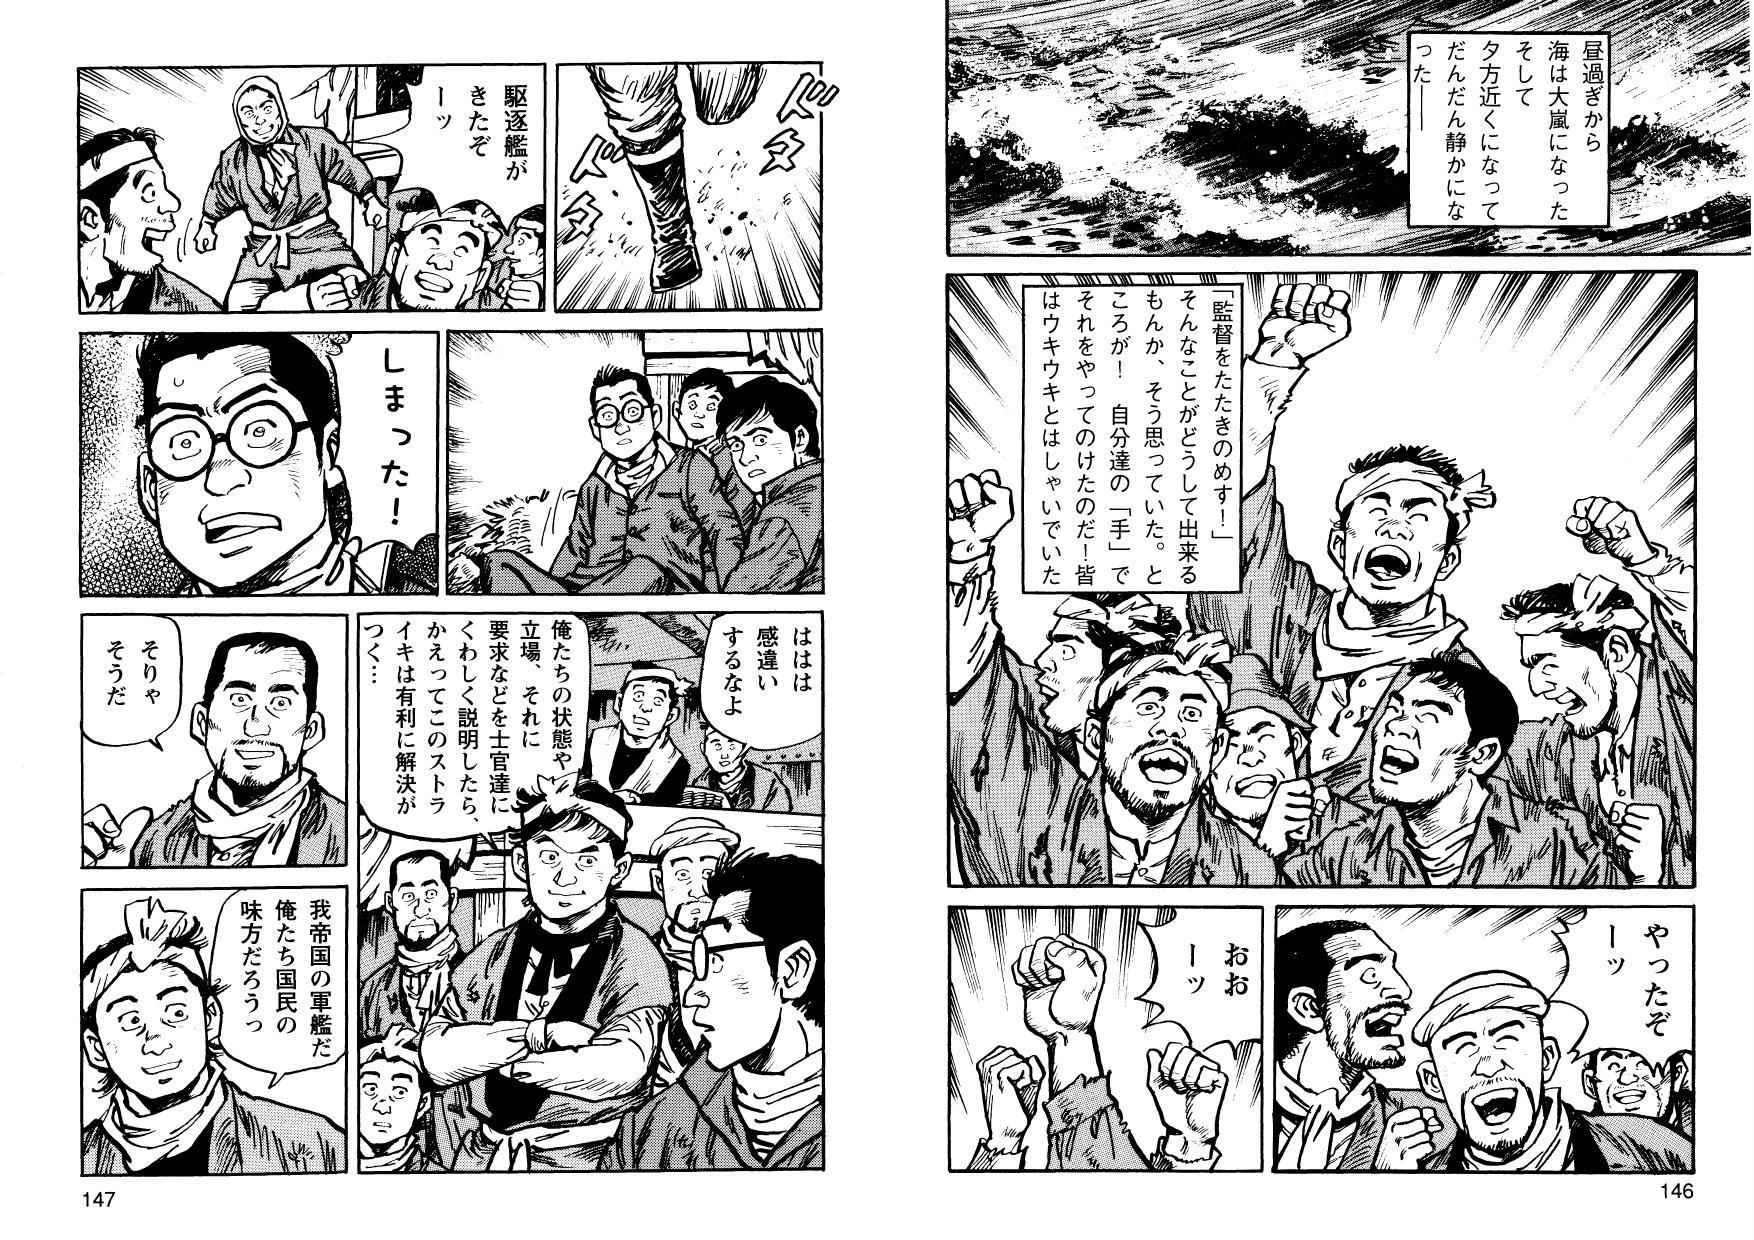 kani_cmc_000074.jpg